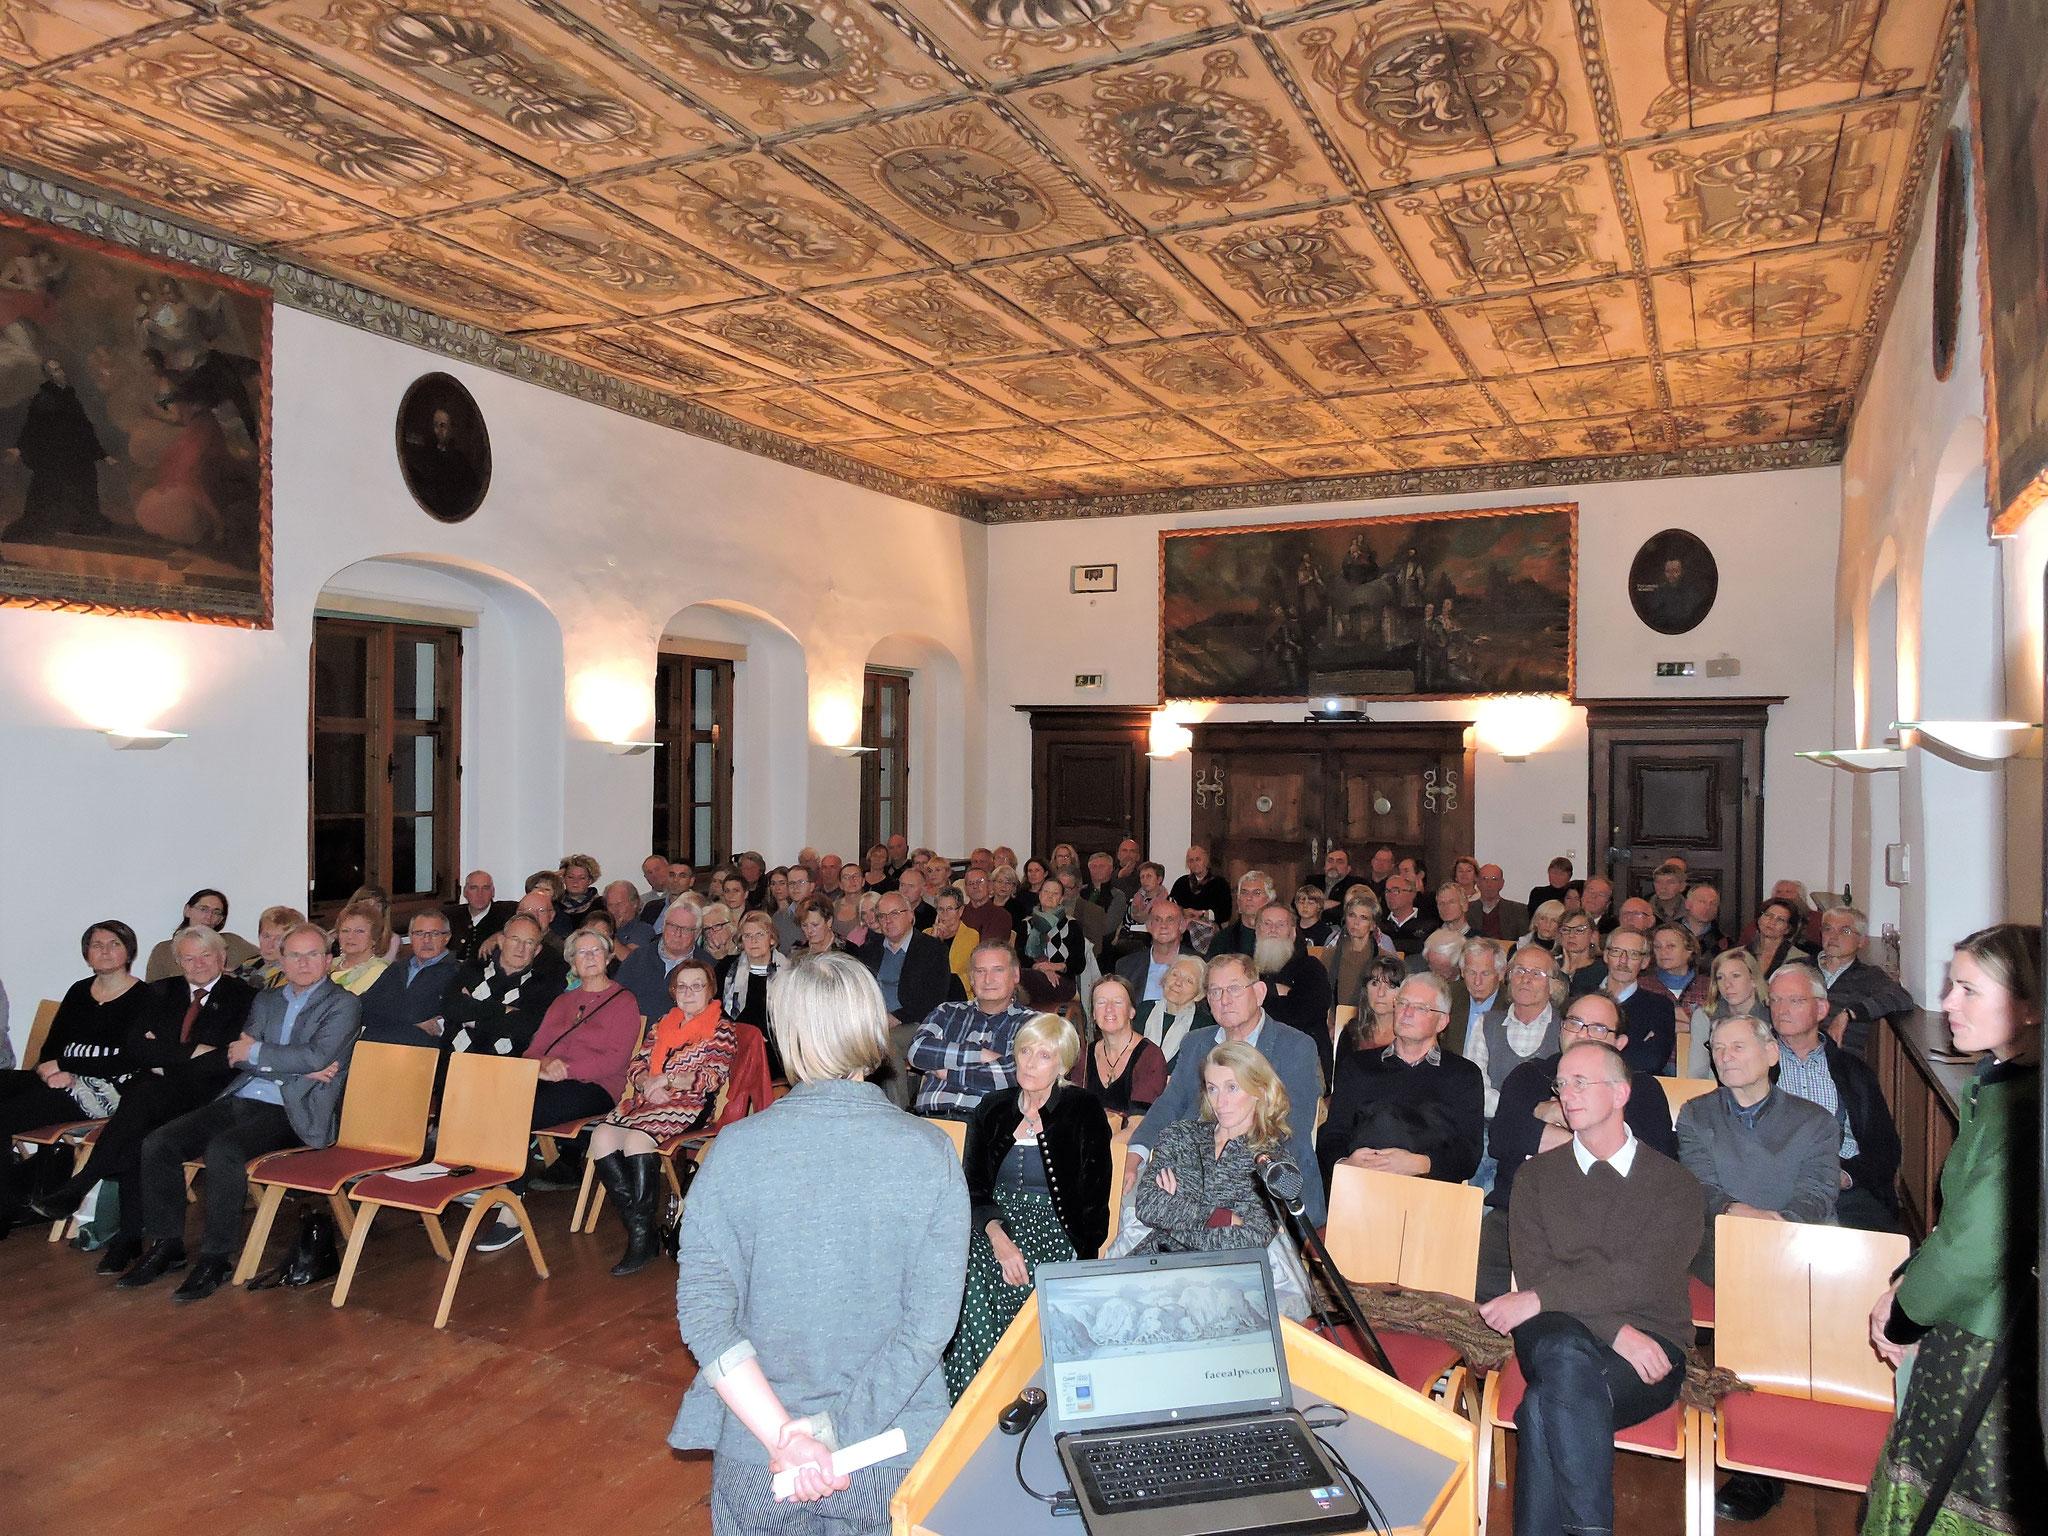 Das Publikum im vollbesetzten Saal nutzte anschließend die Gelegenheit, Fragen zu stellen ©B. Bichler